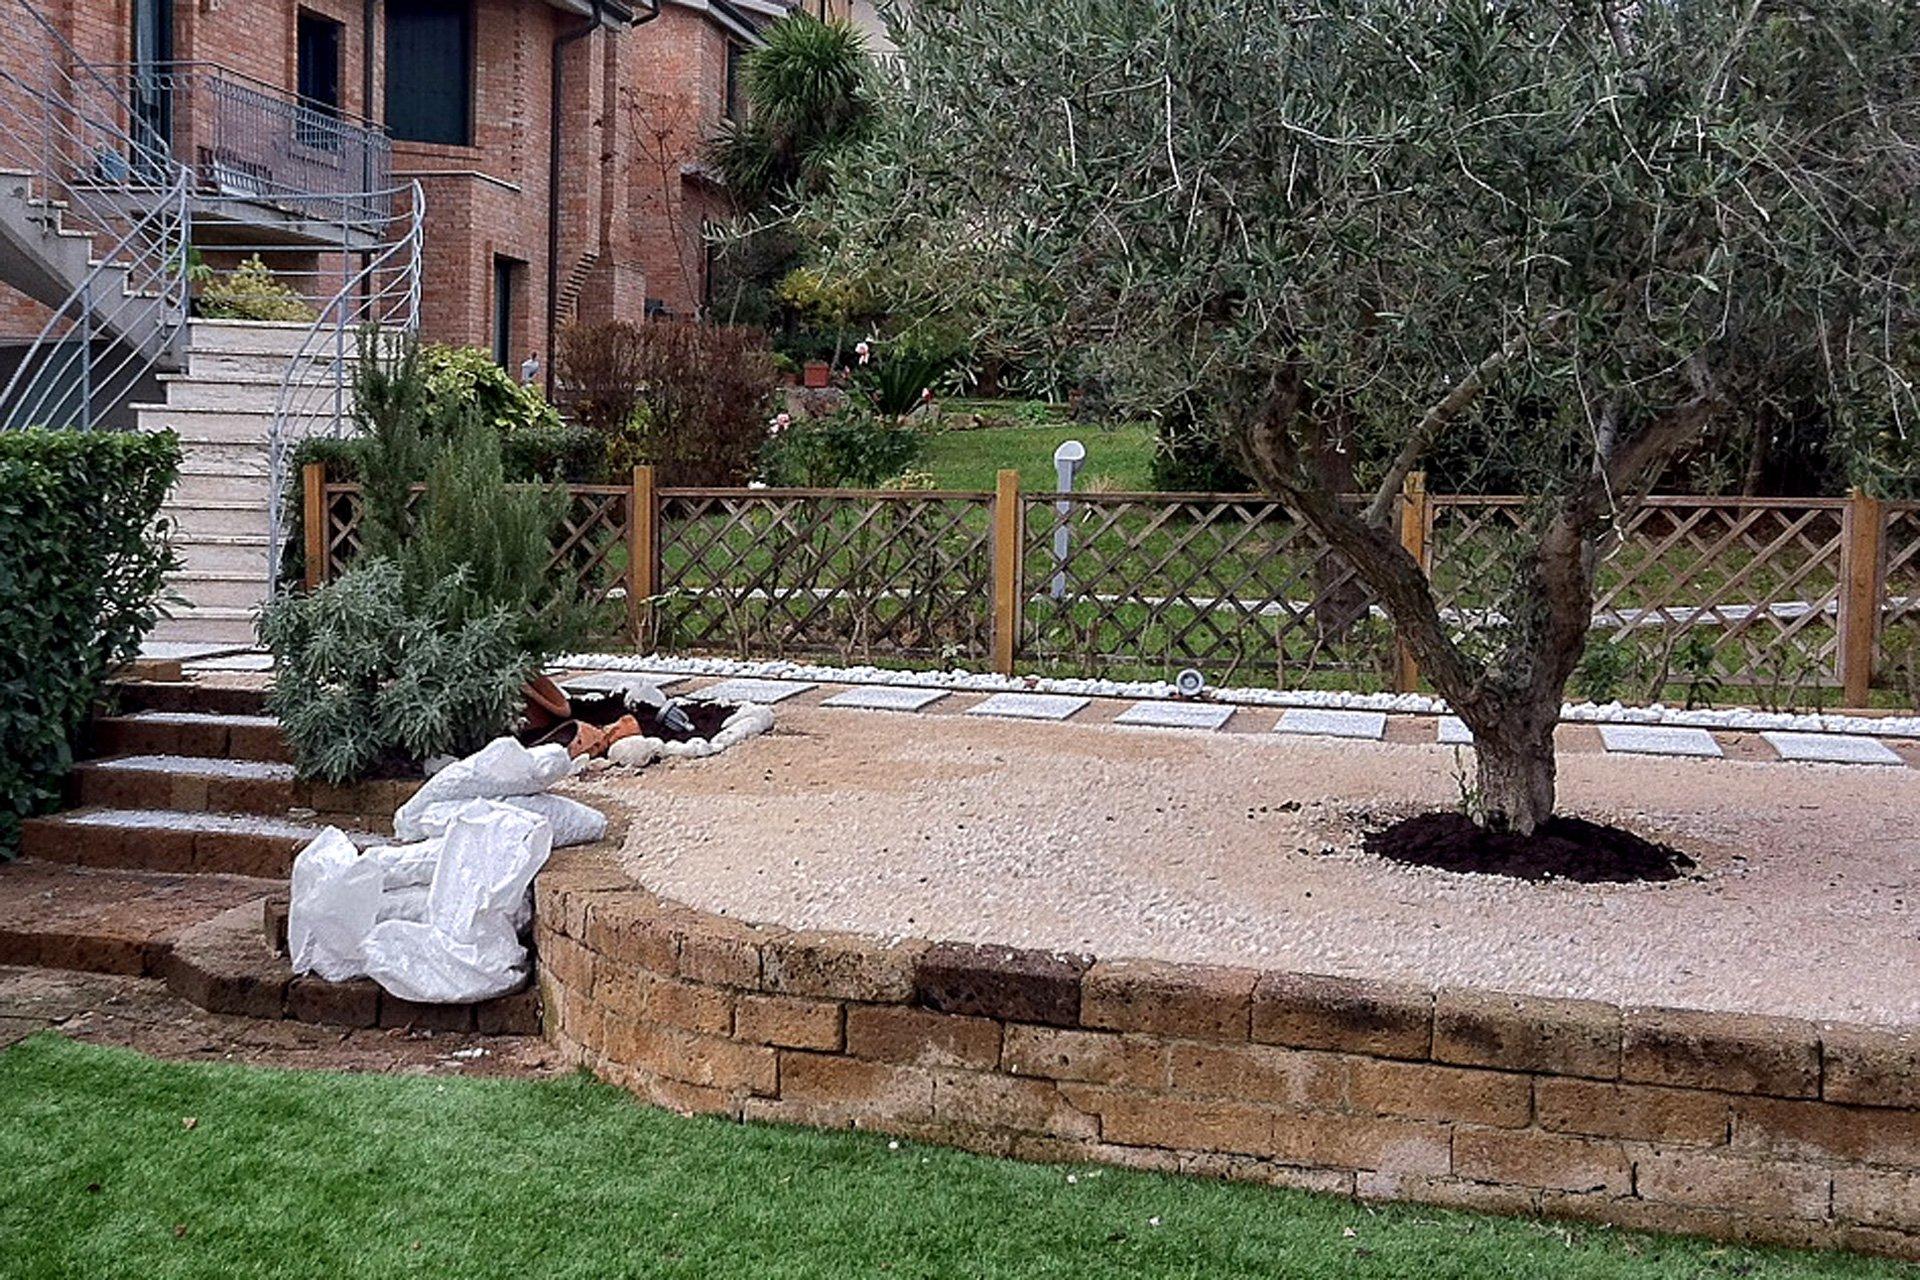 Terra Buona Per Giardino come si posa l'erba sintetica da giardino?